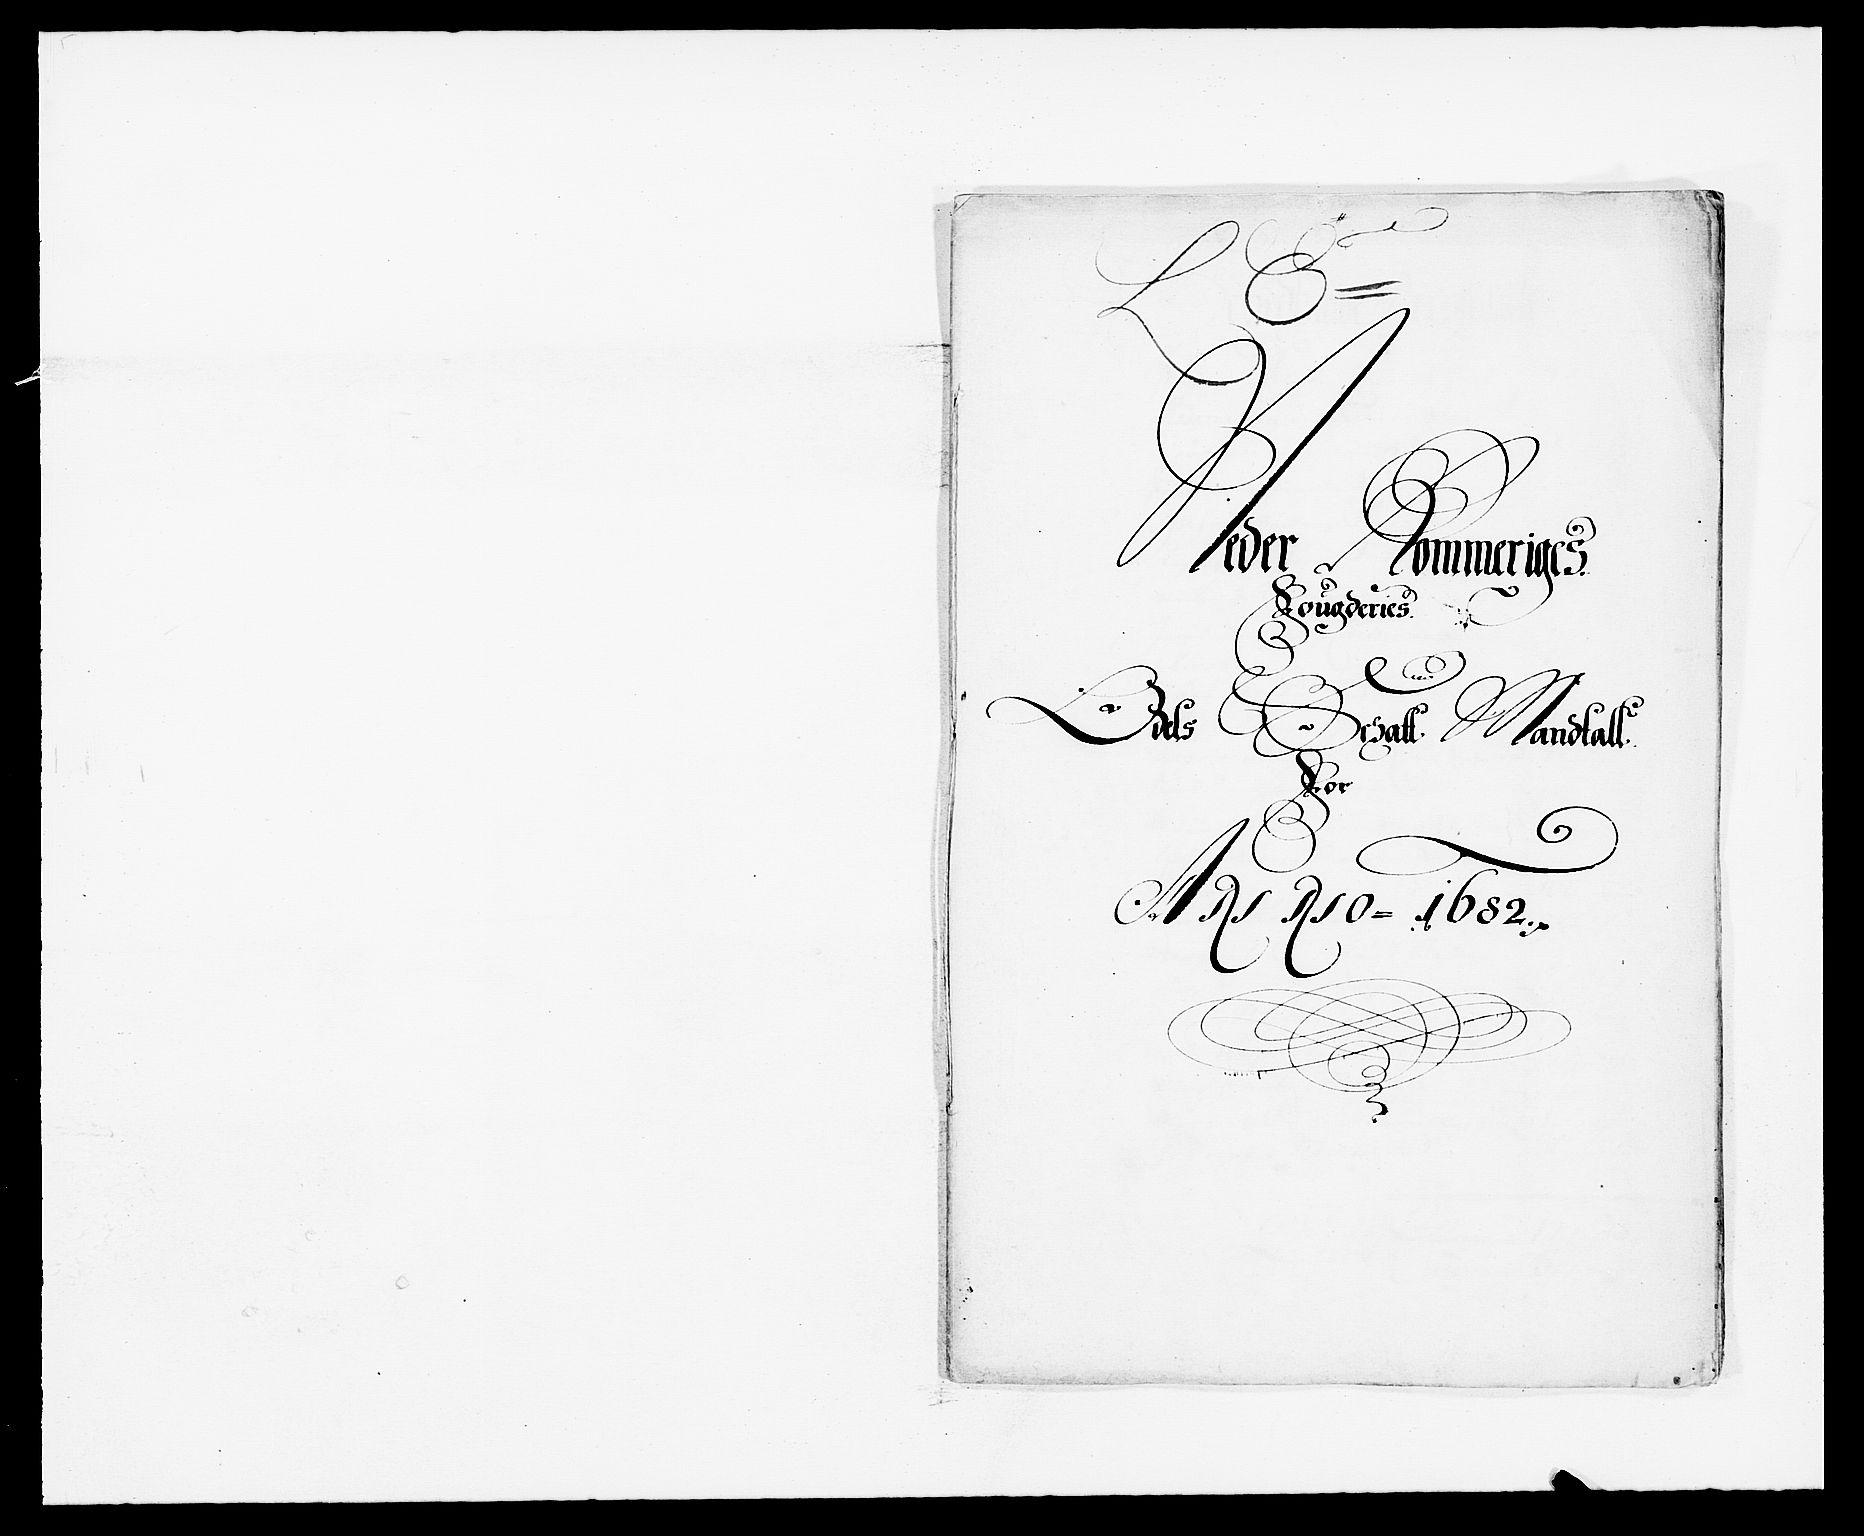 RA, Rentekammeret inntil 1814, Reviderte regnskaper, Fogderegnskap, R11/L0570: Fogderegnskap Nedre Romerike, 1682, s. 161